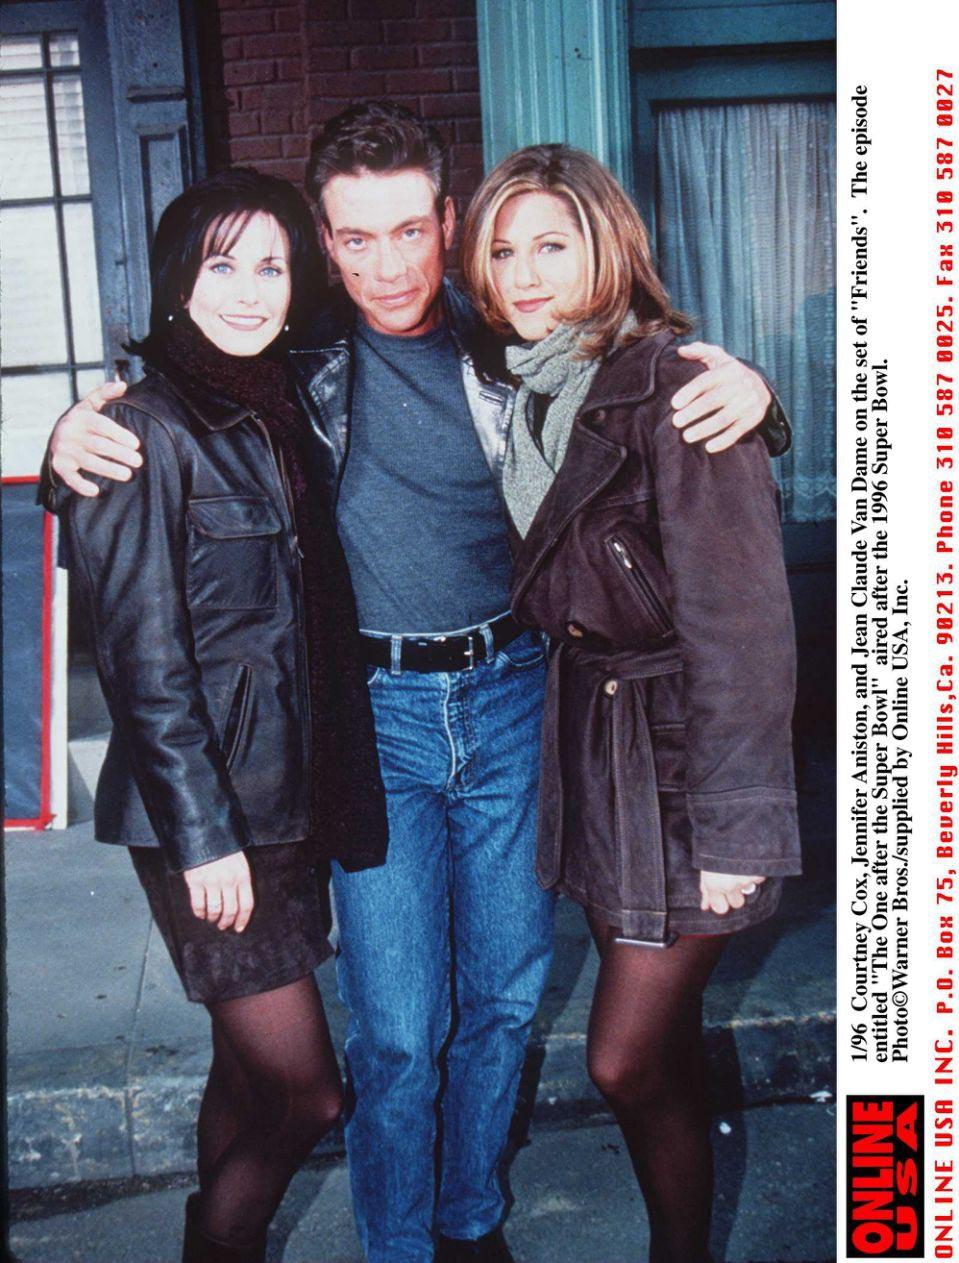 atrizes de Friends e Van Damme